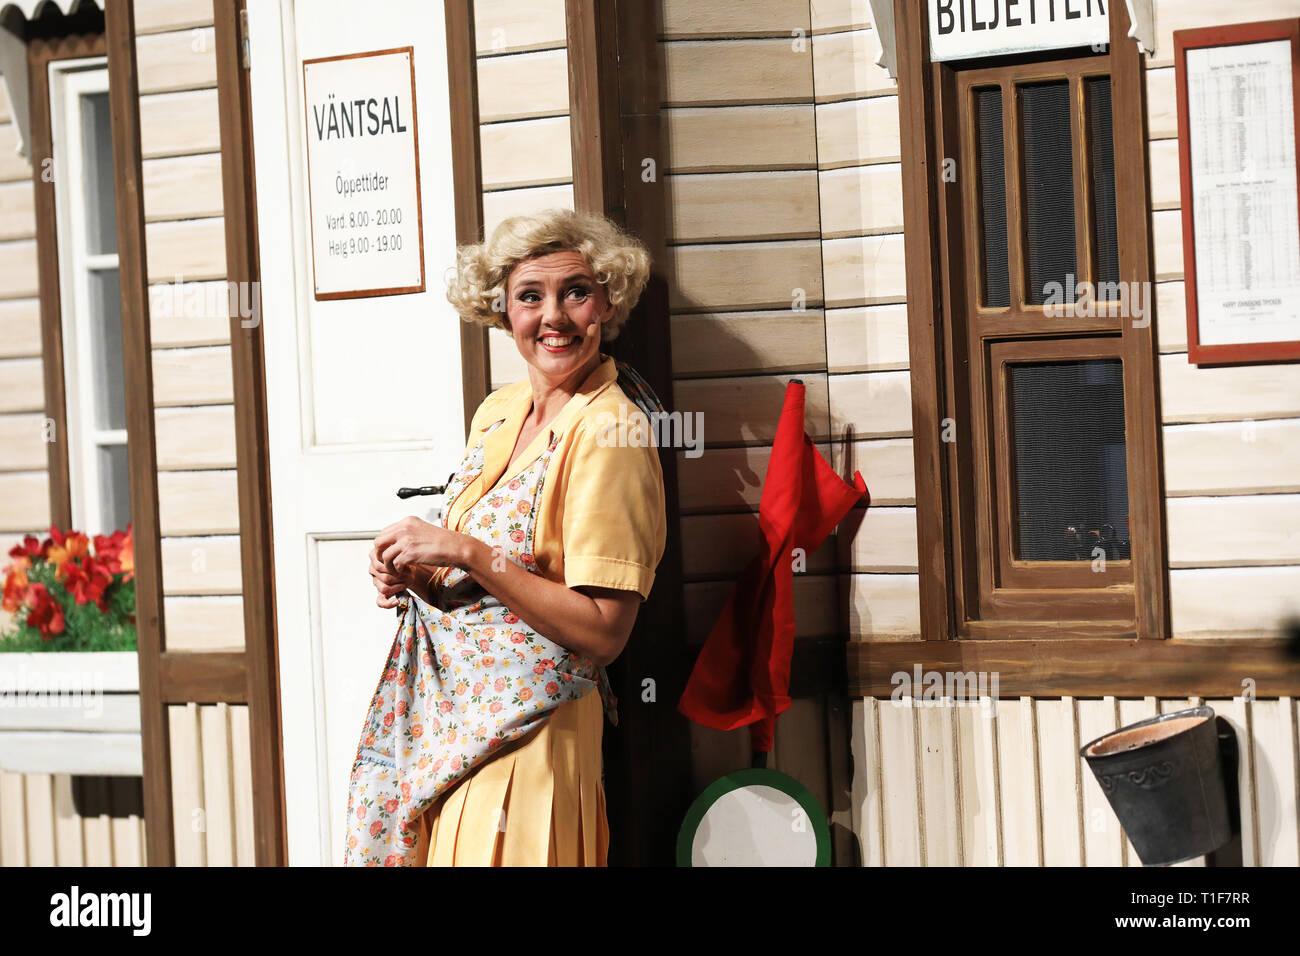 """LINKÖPING 20171015 Anna Carlsson som Fabier syster, Ulla-Britta Bom, ich föreställningen oldat Fabian Bom """"Från Friluftsteatern Vallarna, ich Konsert och Kongress. Foto Jeppe Gustafsson Stockfoto"""